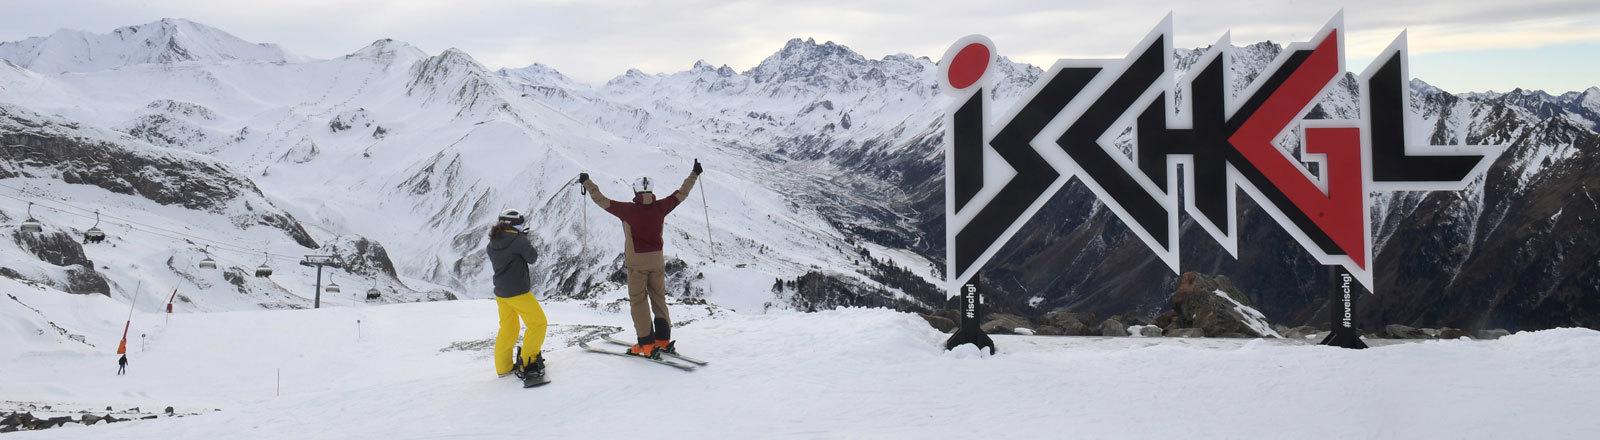 Skitourismus in Ischgl, Tirol, Österreich